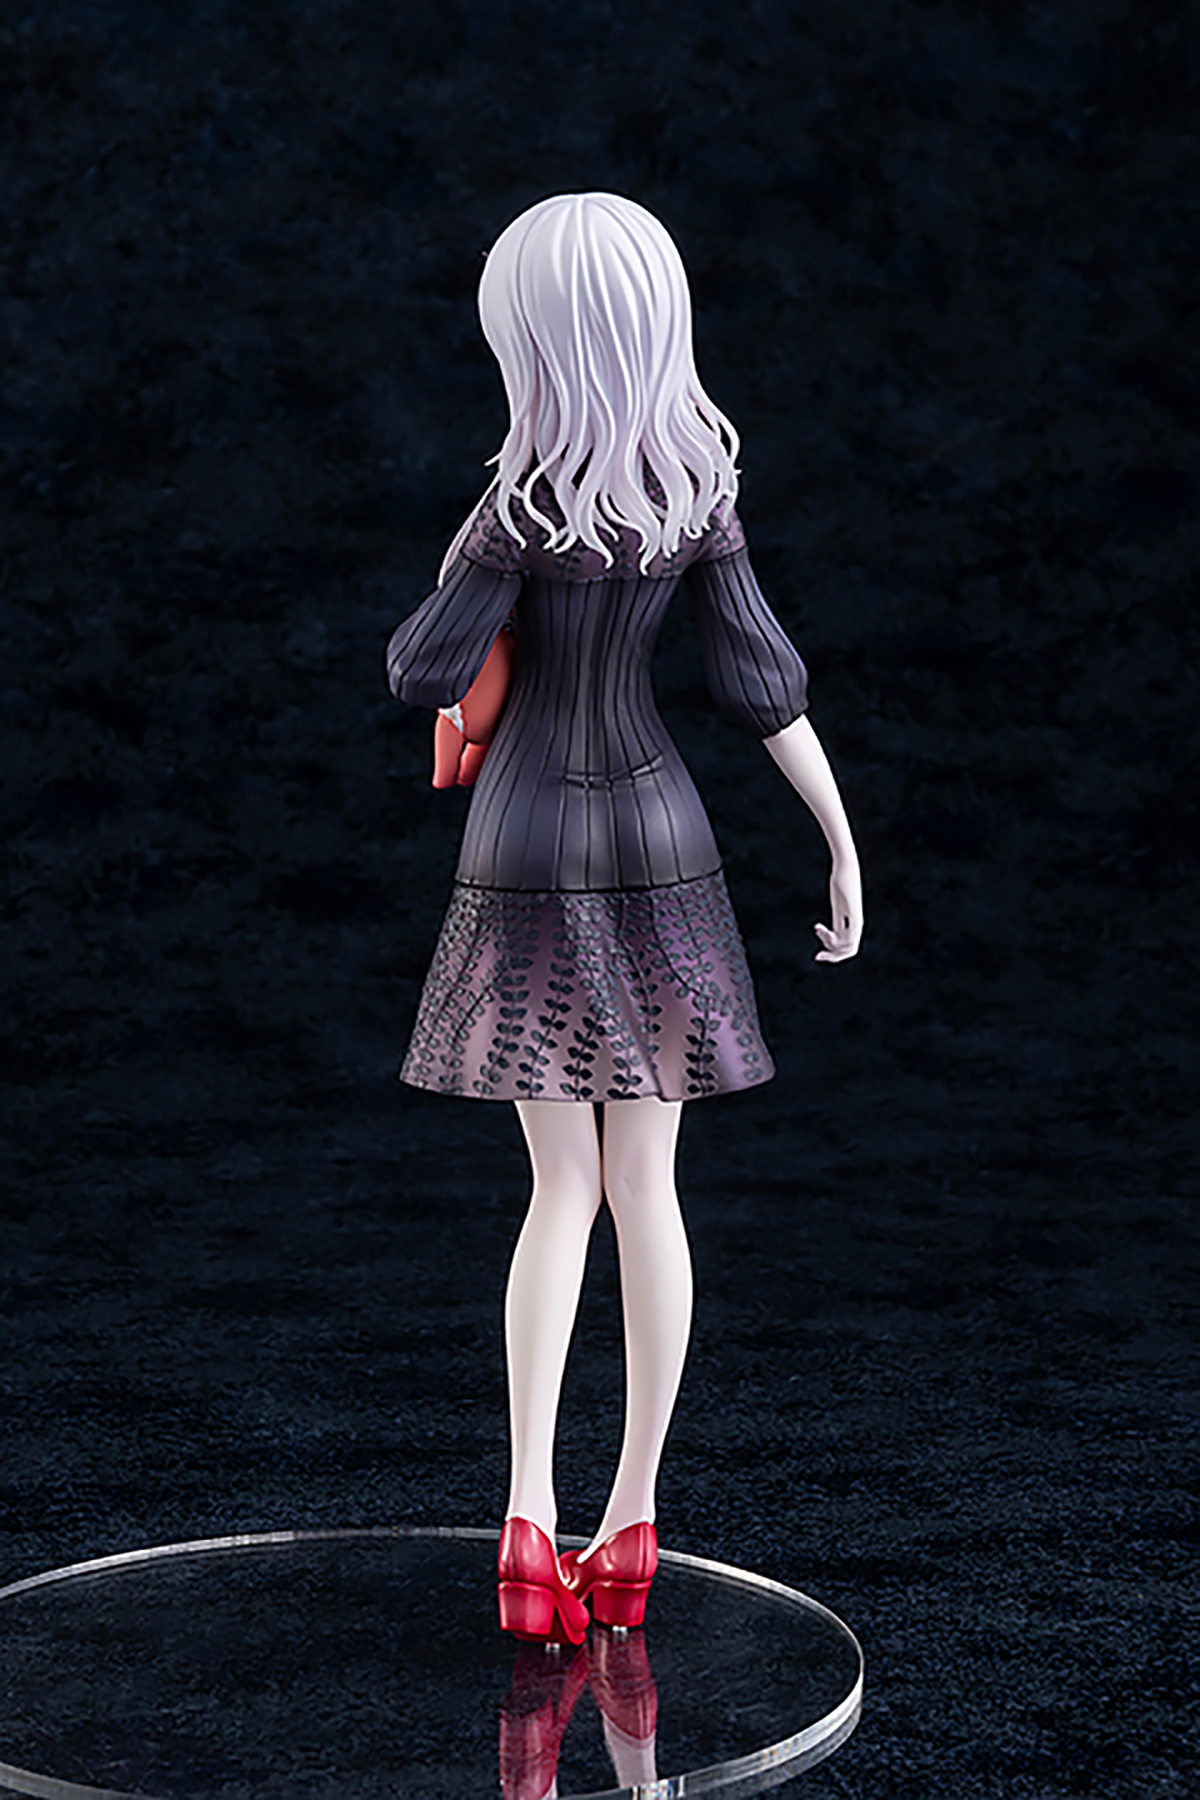 【限定販売】Fate/Grand Order『フォーリナー/アビゲイル・ウィリアムズ&ラヴィニア・ウェイトリー セット』1/7 完成品フィギュア-011